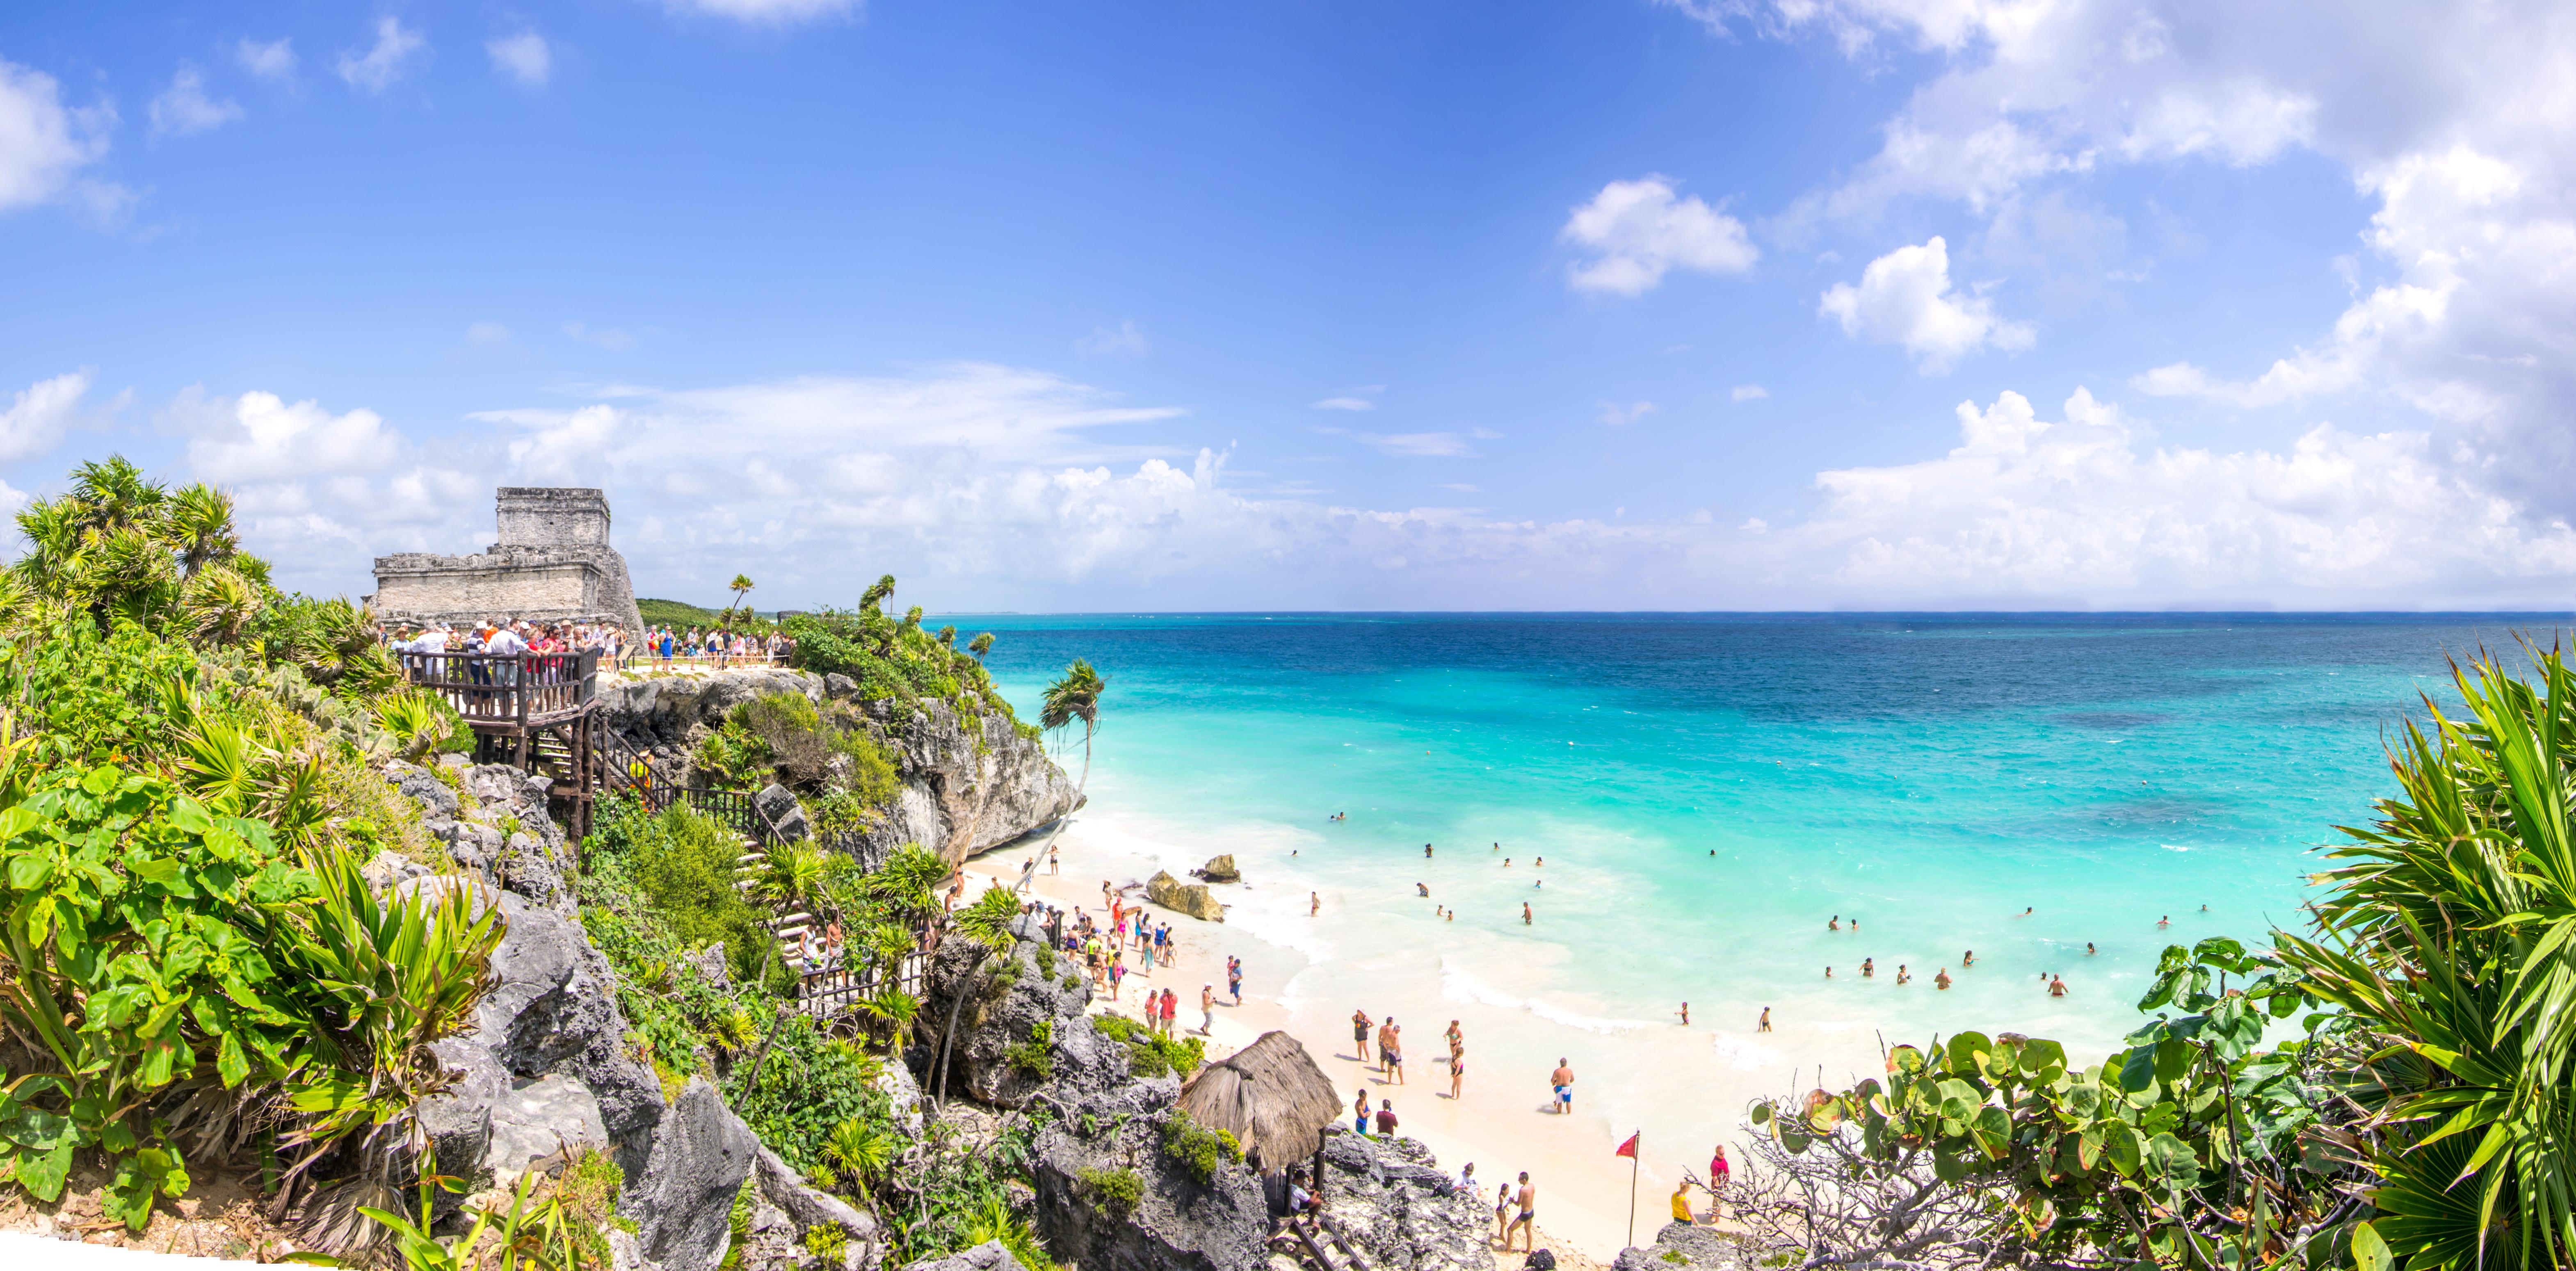 Aquí, las antiguas ruinas mayas coronan los acantilados costeros, y hay kilómetros de playas blancas y suaves respaldadas por resorts y hoteles boutique instagrameables